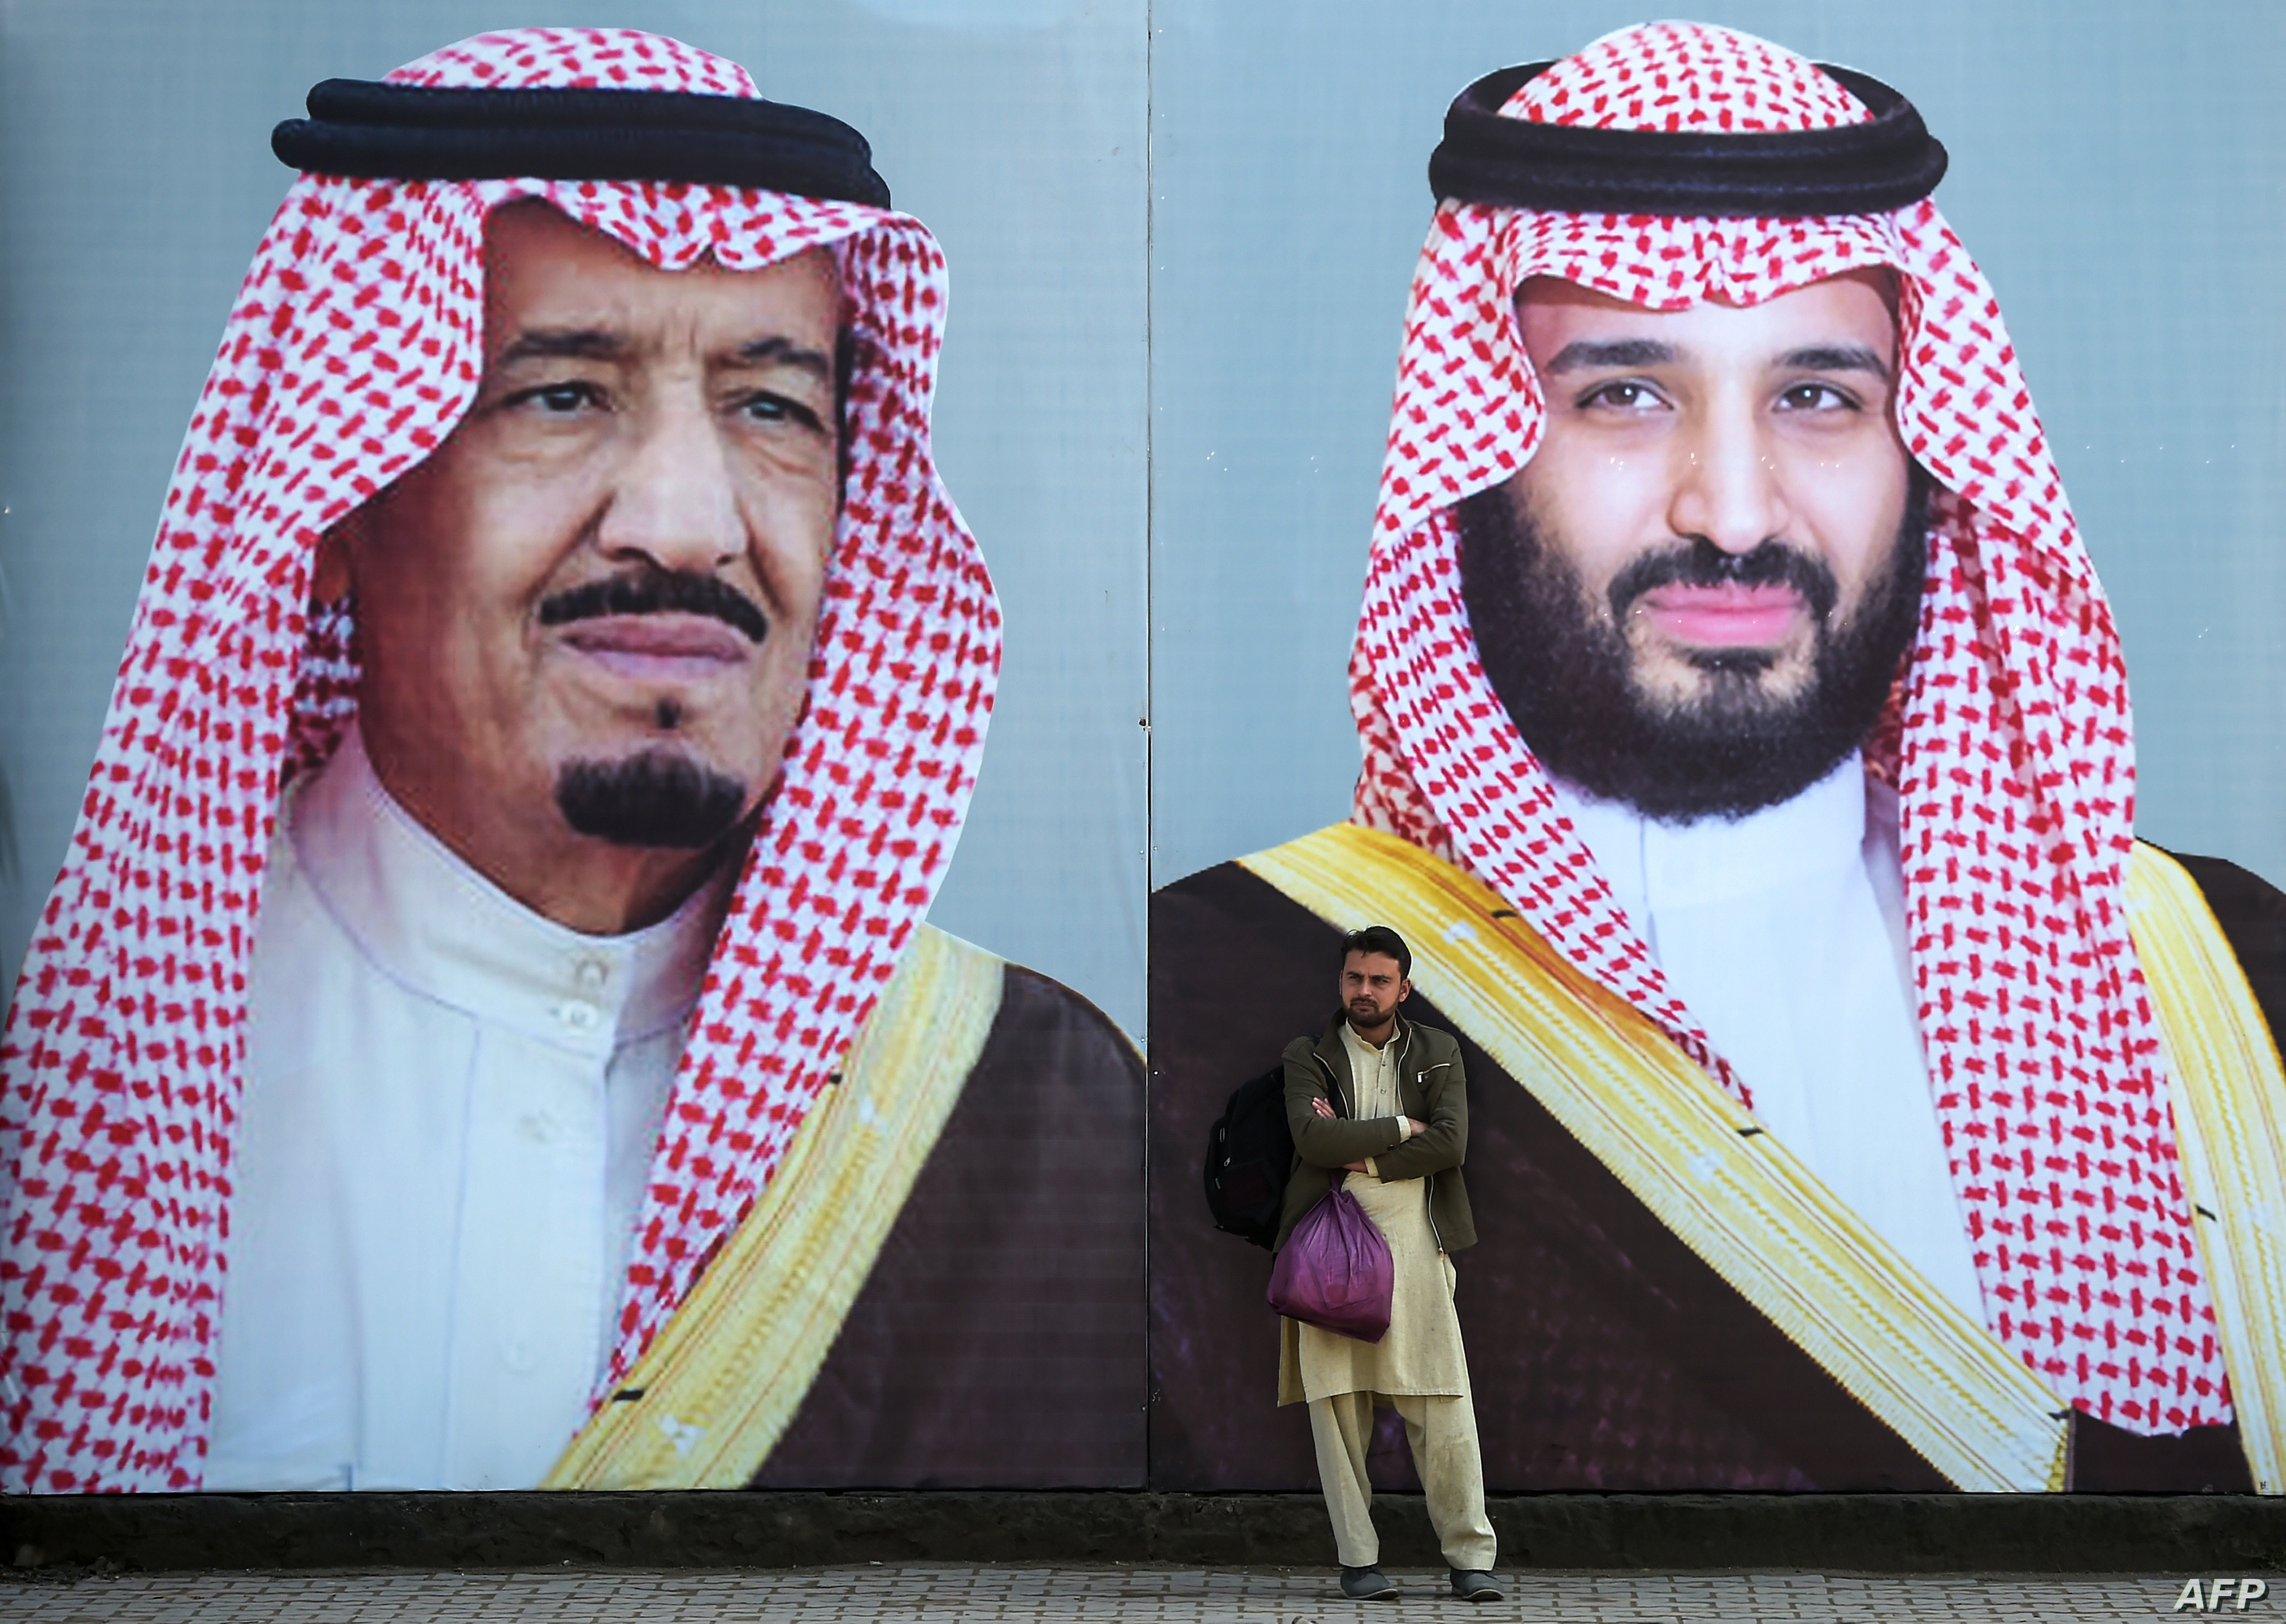 السعودية تقر نظام الإقامة المميزة الحرة